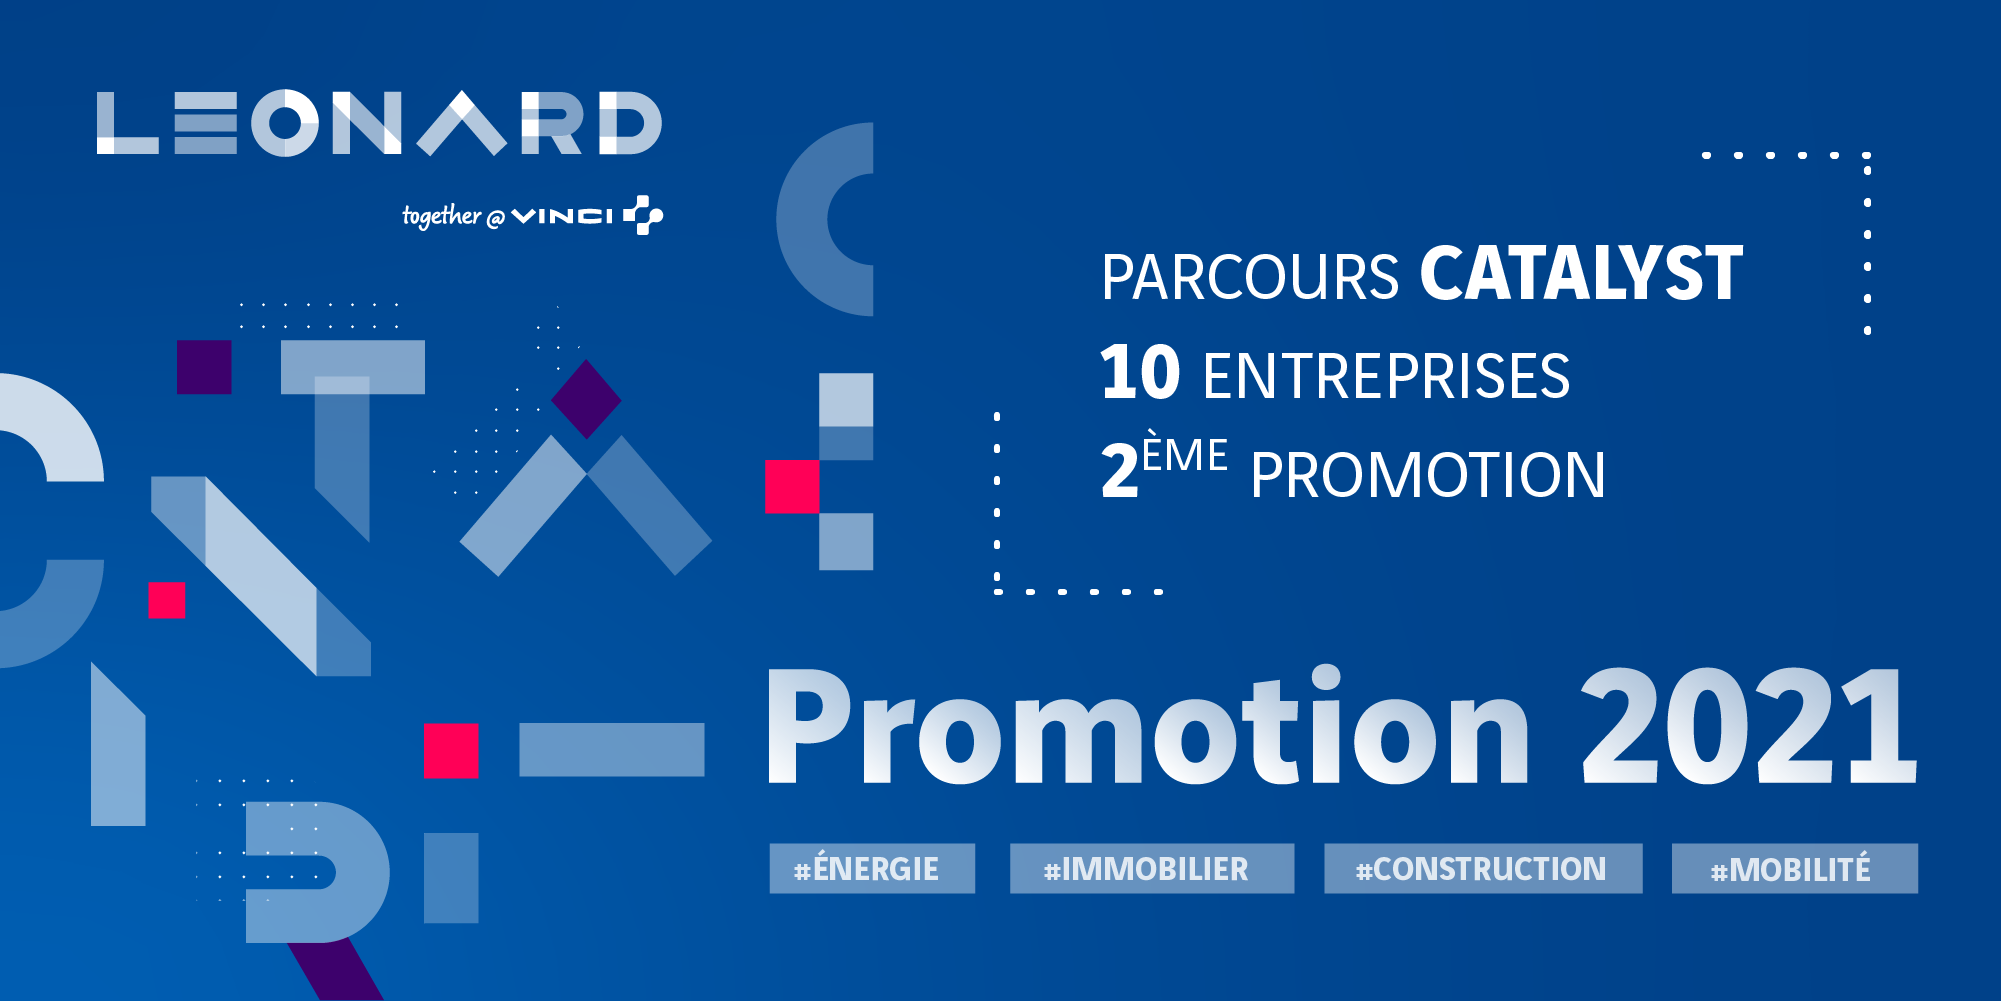 CATALYST : la 2e promotion du programme d'accompagnement de Leonard accueille 10 entreprises innovantes